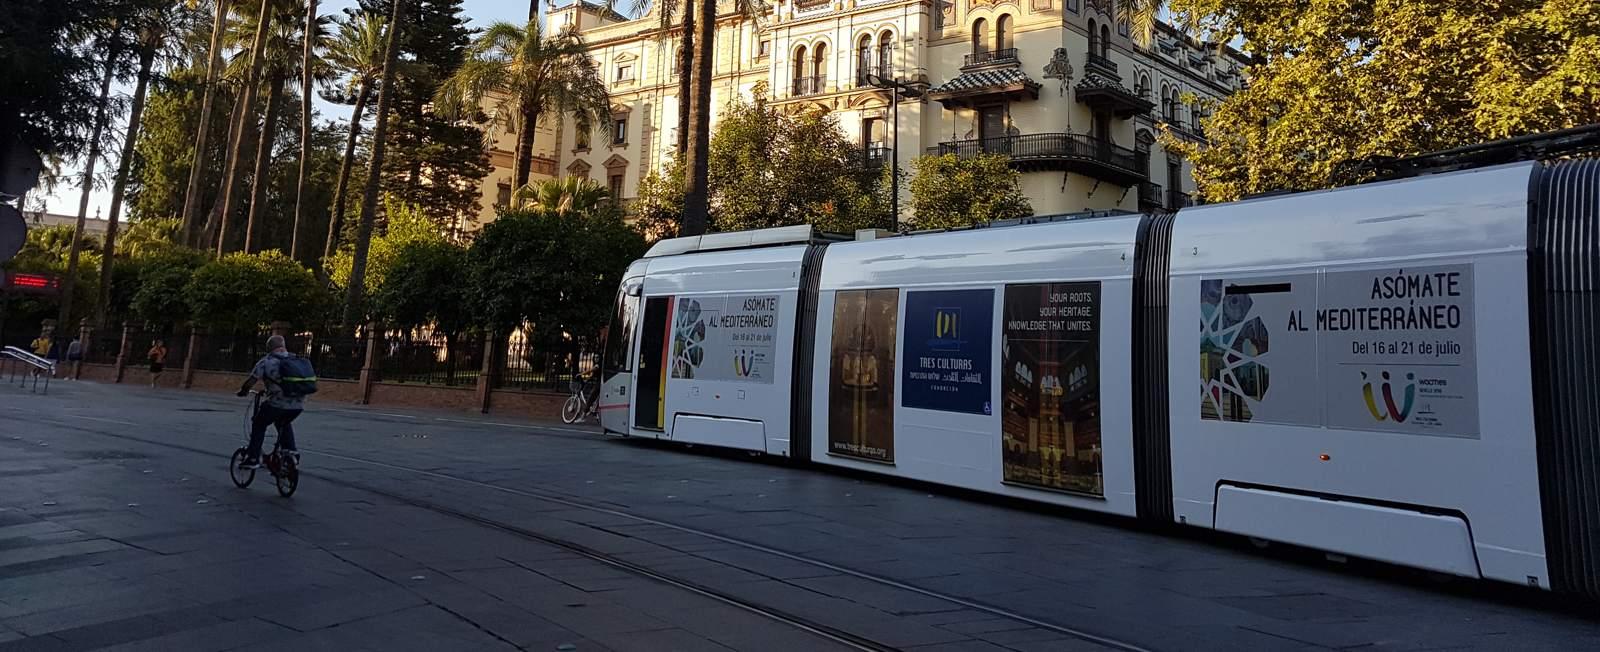 El gobierno inicia el proceso de participación con los grupos políticos en el nuevo Plan de Movilidad Urbana Sostenible de Sevilla